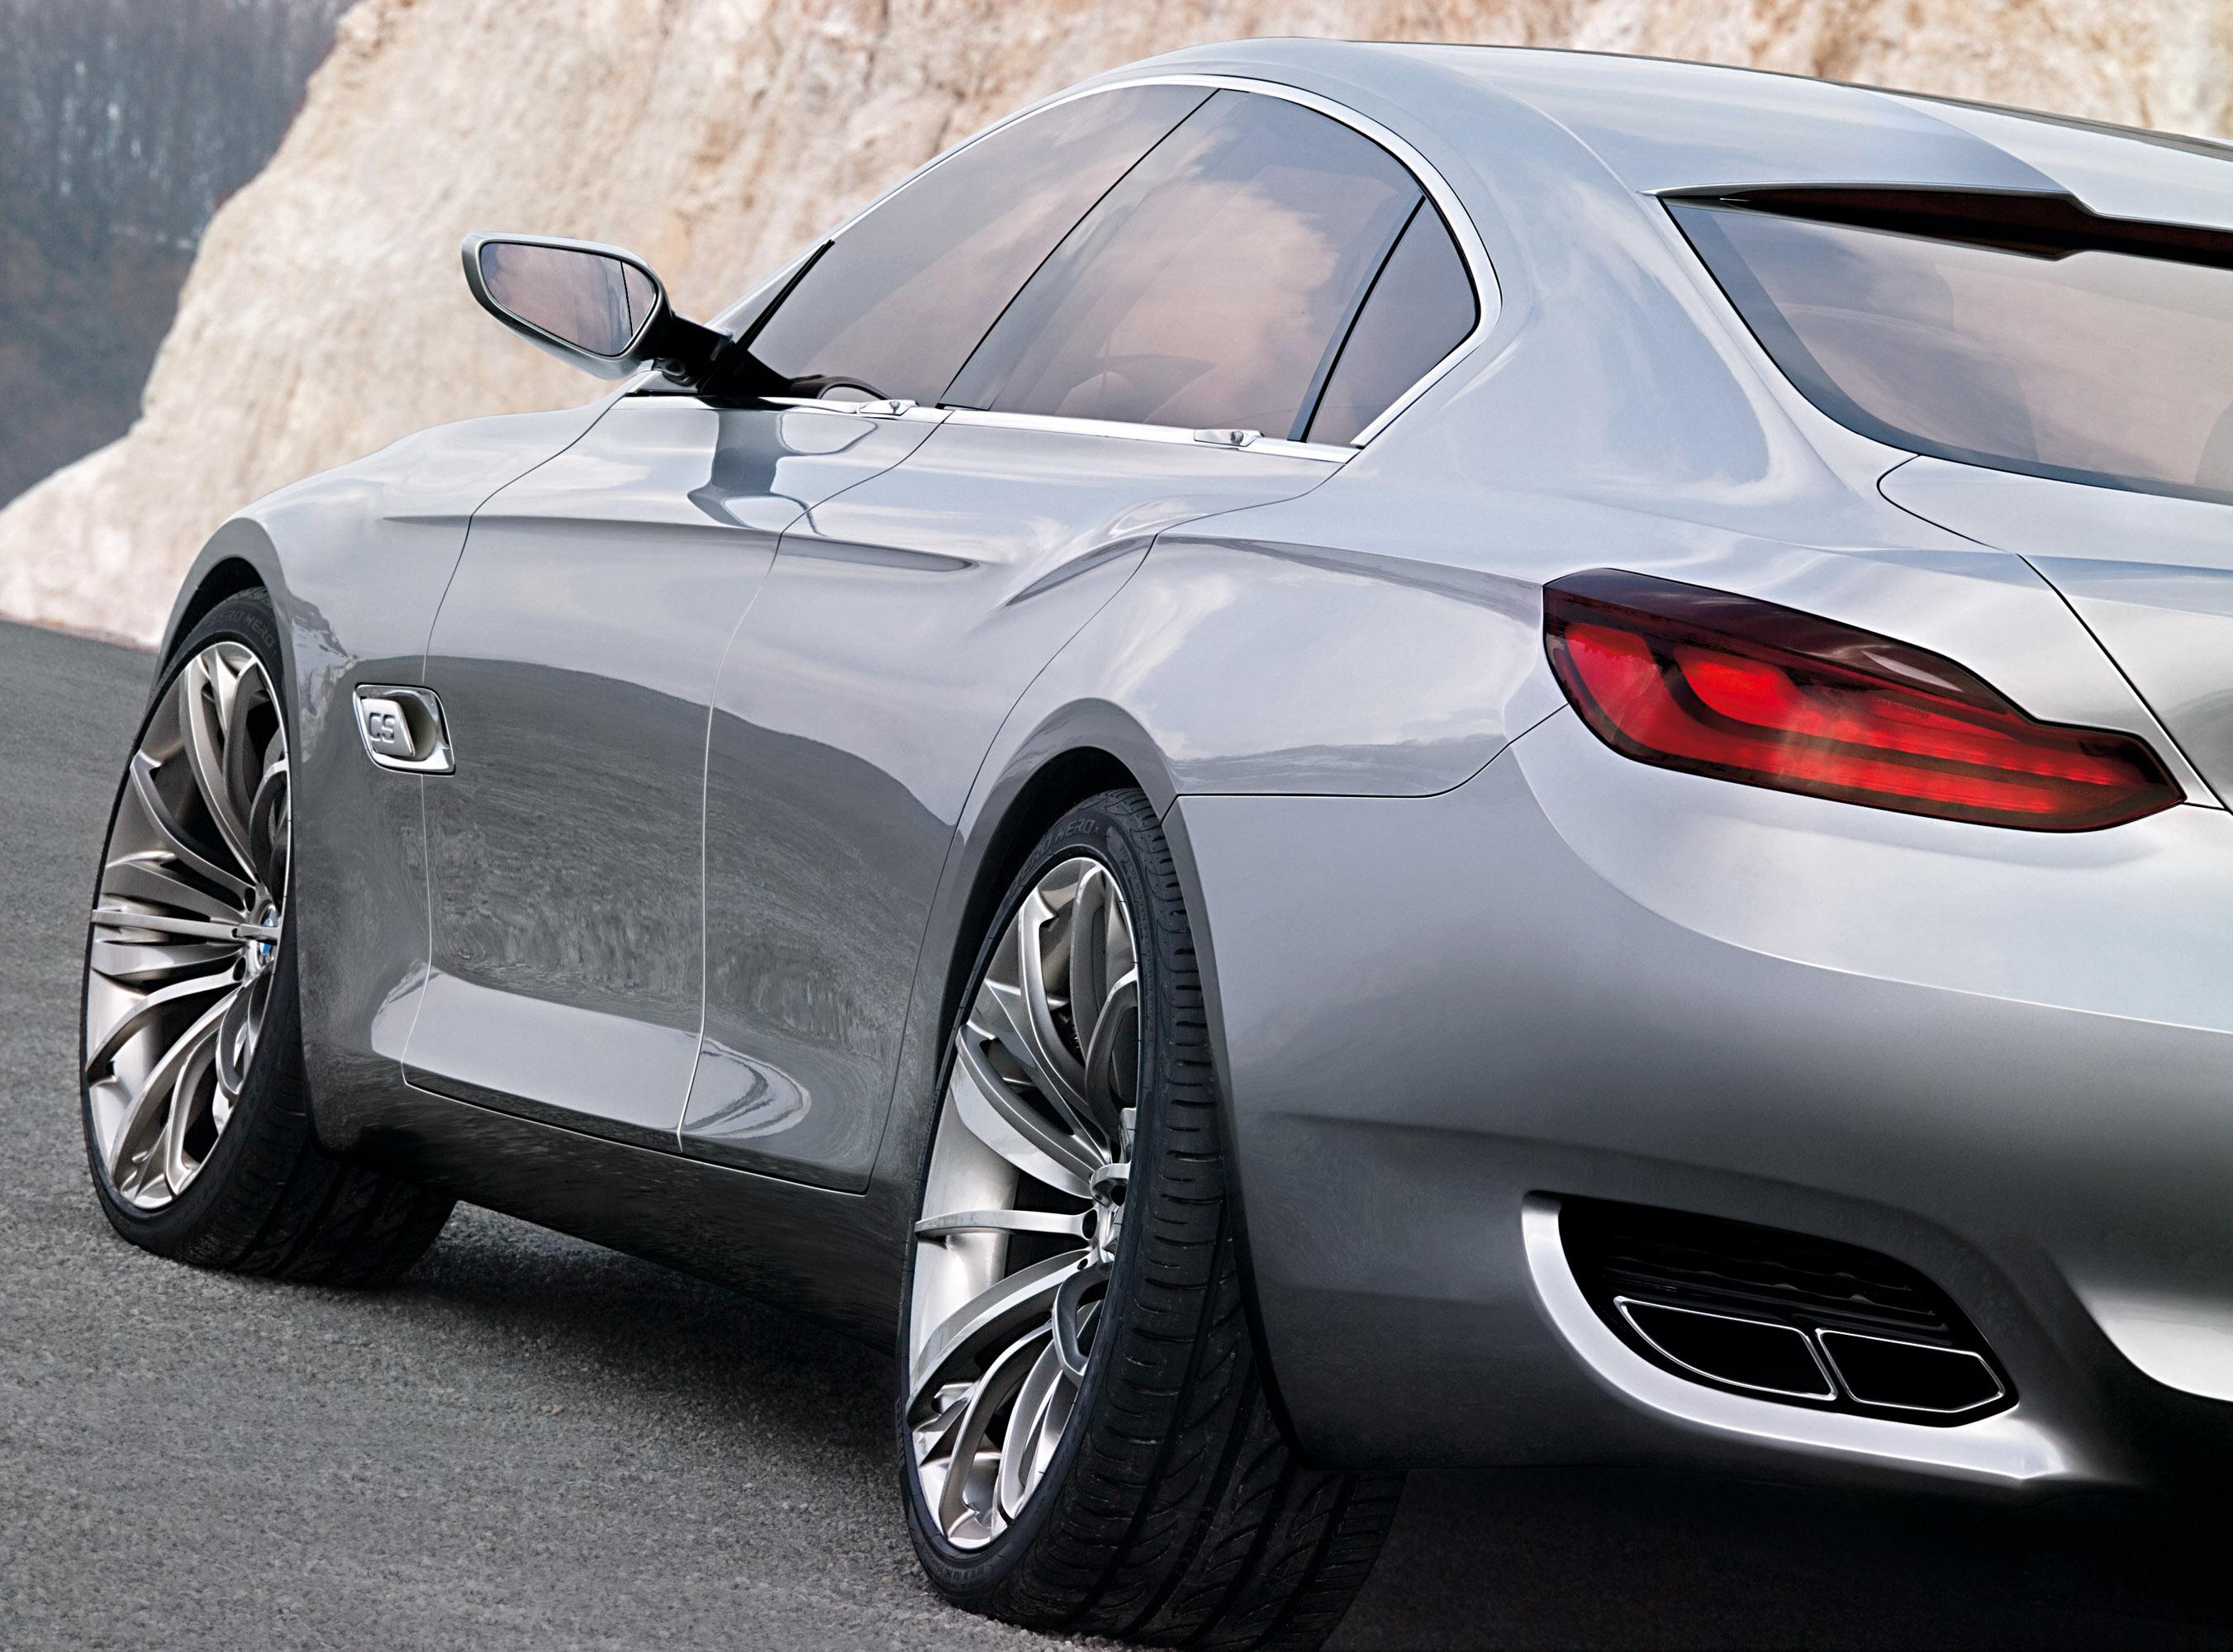 2007 BMW Concept CS - Picture 54579